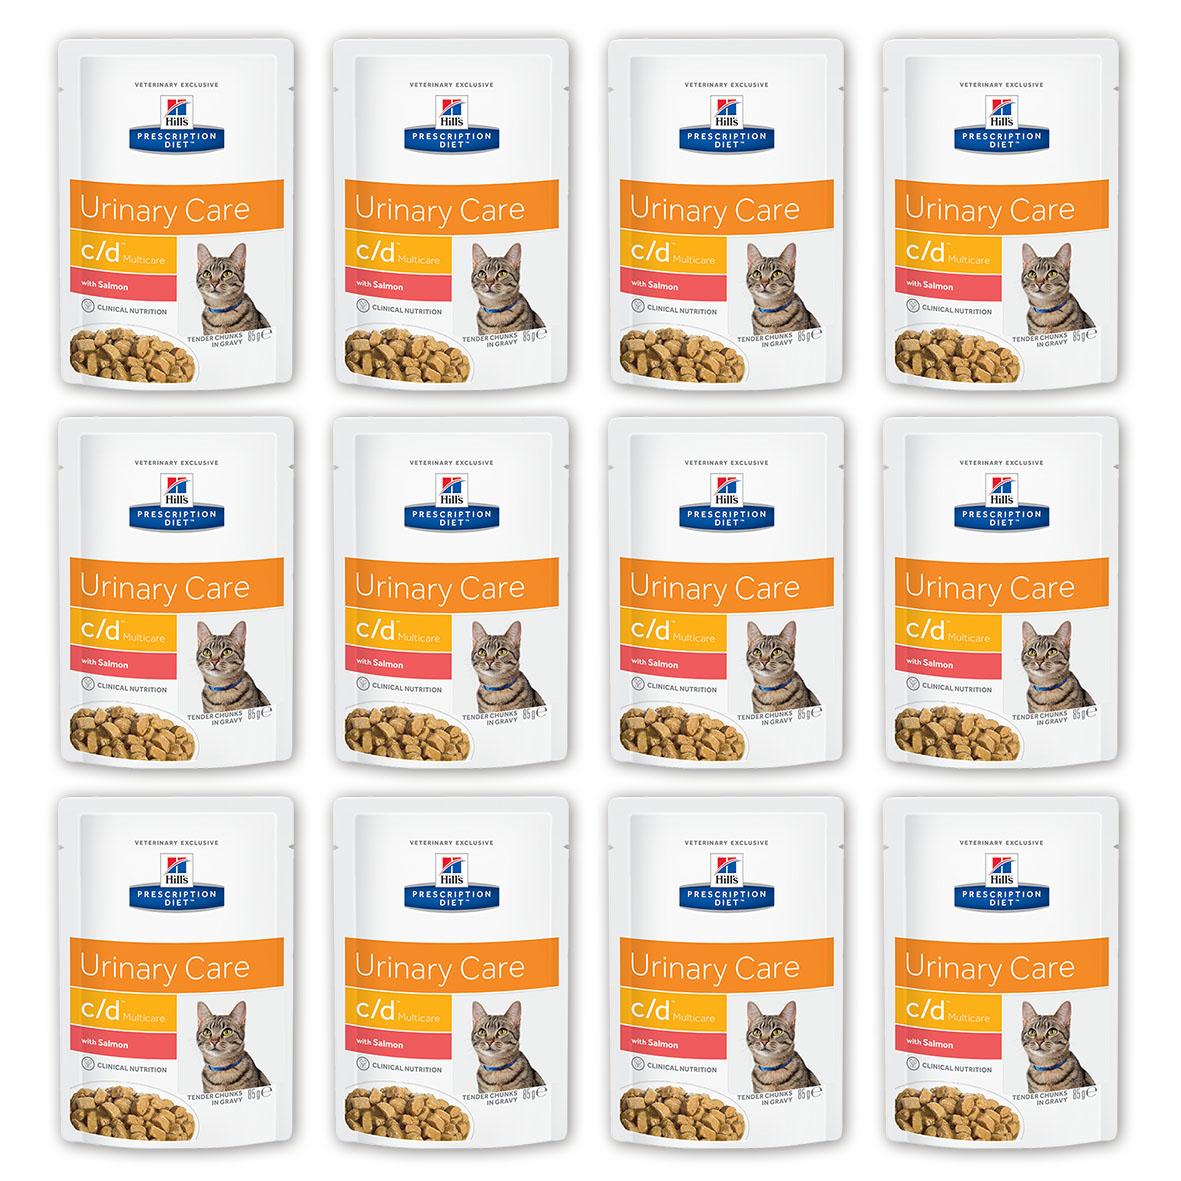 Консервы для кошек Hills Prescription Diet. C/D, для профилактики мочекаменной болезни, с лососем, 85 г, 12 шт3408_12Консервы для кошек Hills Prescription Diet. C/D рекомендуются на начальном этапе у кошек с любым типом заболеваний нижних отделов мочевыводящих путей, в том числе кристаллурией и/или уролитиазом любого генеза, уретральными пробками и идиопатическим циститом кошек. Подходят для долговременного использования для кошек, склонных к: - образованию струвитных кристаллов и уролитов, кристаллов и уролитов кальция оксалата и кальция фосфата (снижение появления и частоты рецидивов); - формированию уретральных пробок (почти всегда вызванных кристаллами струвита или кальция фосфата); - идиопатическому циститу (в этом случае особенно рекомендуется к применению консервированный рацион или пауч Hills Prescription Diet c/d Multicare Feline). Не рекомендуется: - Котятам. - Беременным и кормящим кошкам. - Кошкам, получающим вещества, закисляющие мочу.Дополнительная информация: - Клинически доказано: растворяет струвиты всего за 14 дней. - Не рекомендуется дополнительно давать вещества, закисляющие мочу. - Необходимо контролировать состав мочи, чтобы гарантировать поддержание необходимого значения рН, при необходимости - исключить инфекцию мочевыводящих путей. Ключевые преимущества: - Сниженное содержание магния, кальция и фосфора снижает концентрацию компонентов струвита в моче (магния и фосфата), а также кальция и оксалата. - Контролируемое содержание натрия помогает поддерживать нормальную функцию почек. - Добавленный цитрат формирует растворимые комплексы с кальцием для ингибирования (замедления) образования оксалата кальция. - Витамин Е и бета-каротин нейтрализуют действие свободных радикалов, участвующих в развитии уролитиаза. - Исключен витамин С, так как является прекурсором оксалатов. - pH мочи 6.2-6.4 препятствует образованию и агрегации кристаллов струвита, не инициируя формирование оксалатных кристаллов. - Рекомендуем смешанное питание Hills Prescription Die